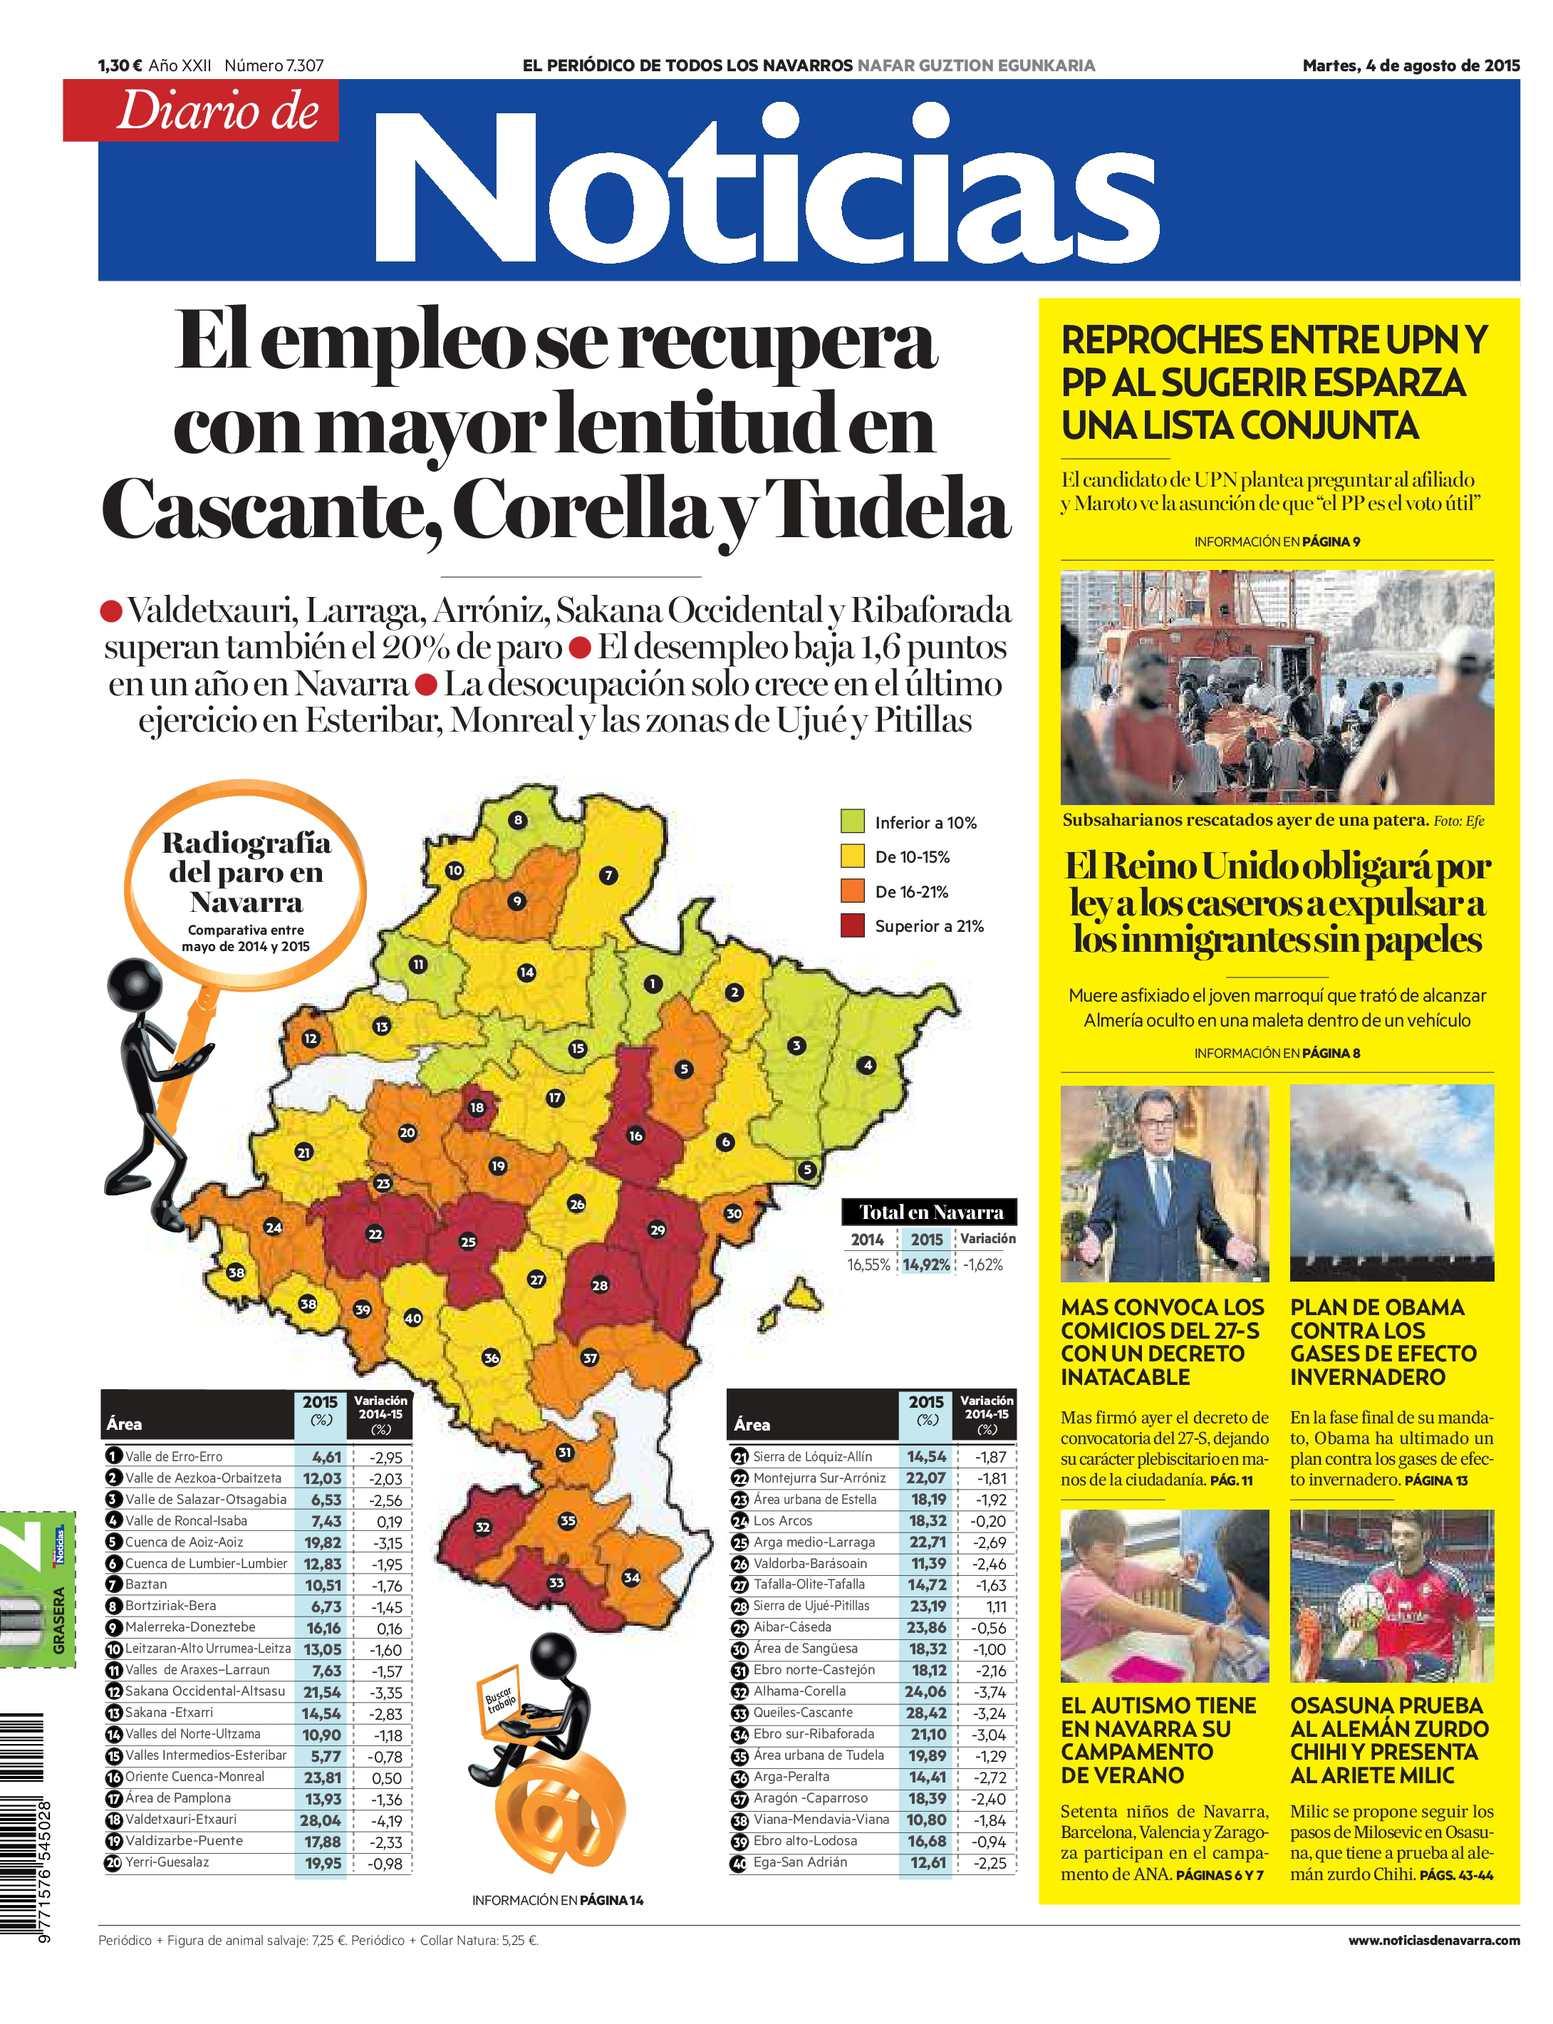 De 20150804 Diario Calaméo 20150804 Noticias Noticias Calaméo De Calaméo Diario TlFK1Jc3